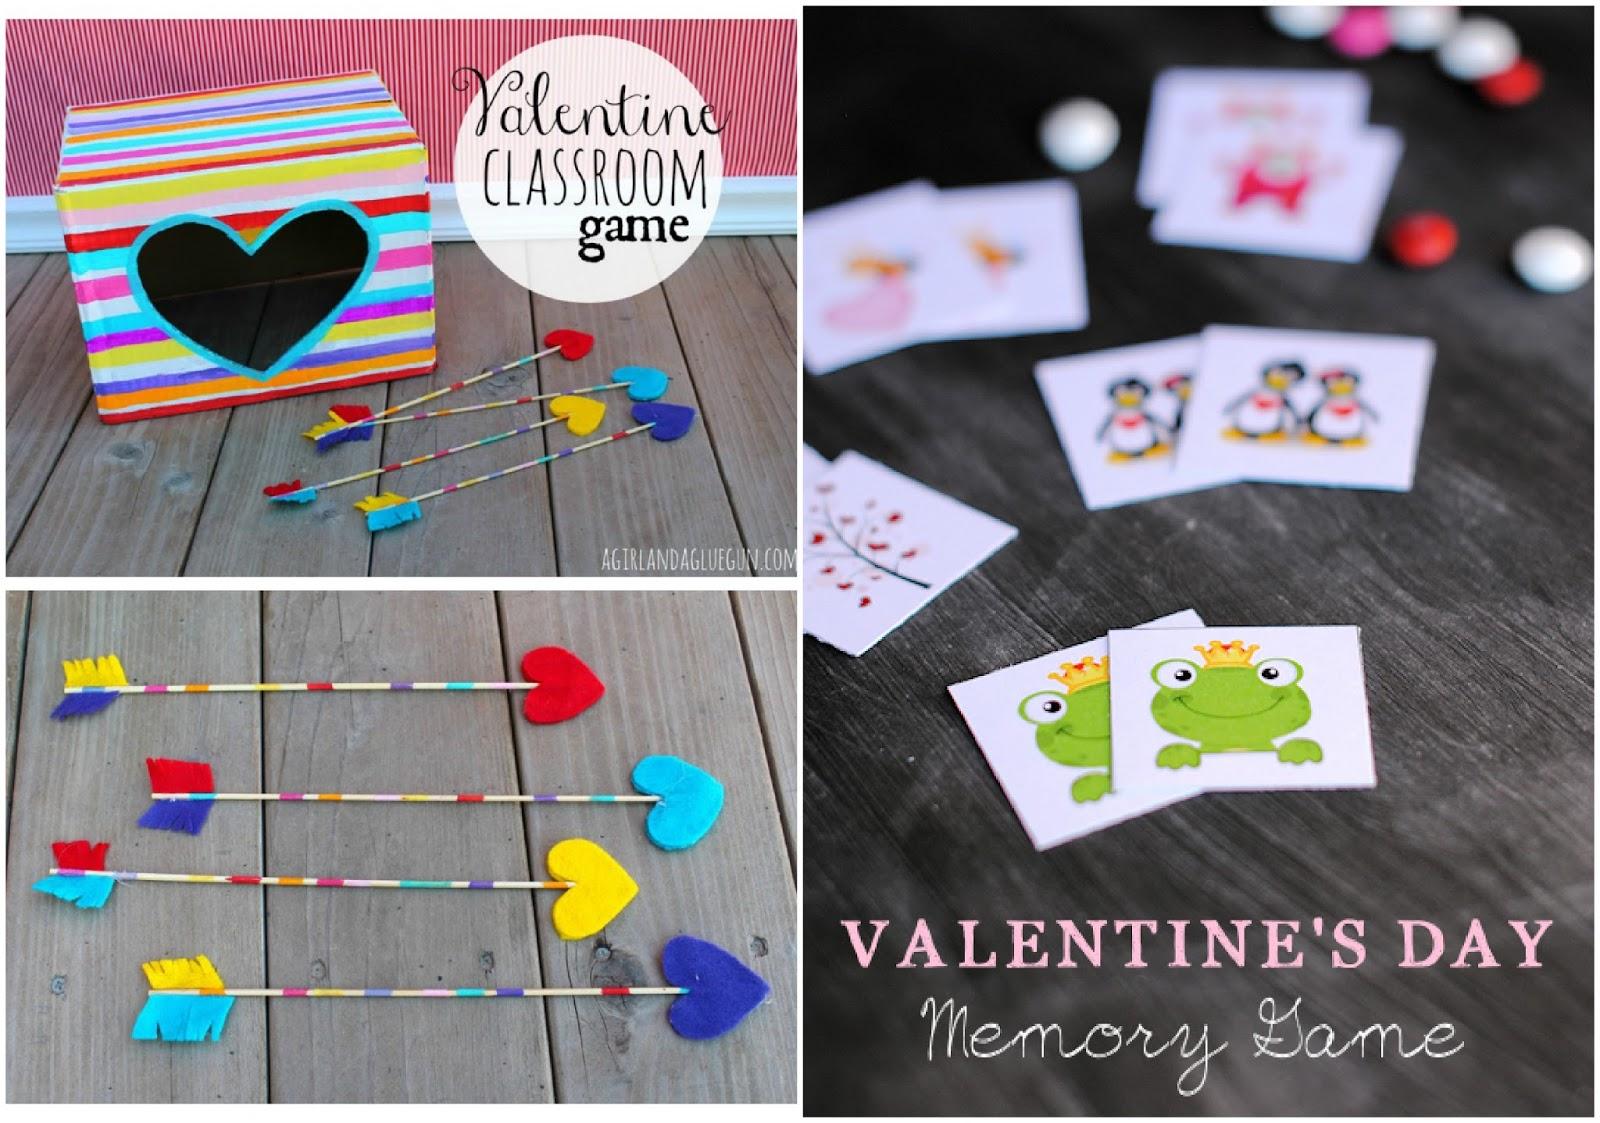 juegos niños san valentín play kids valentine's